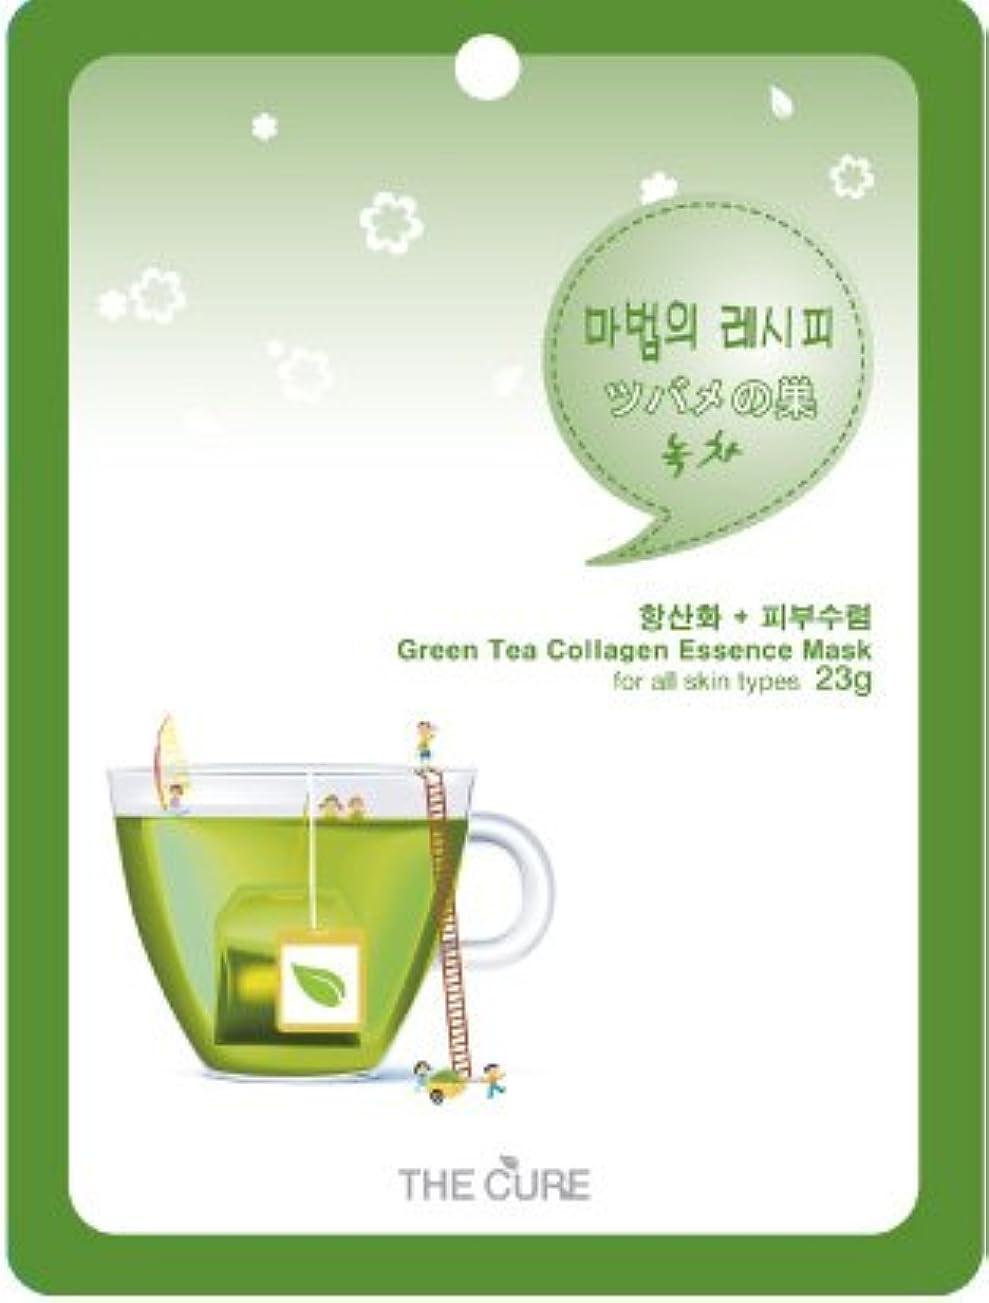 排気絞る彼緑茶 コラーゲン エッセンス マスク THE CURE シート パック 10枚セット 韓国 コスメ 乾燥肌 オイリー肌 混合肌